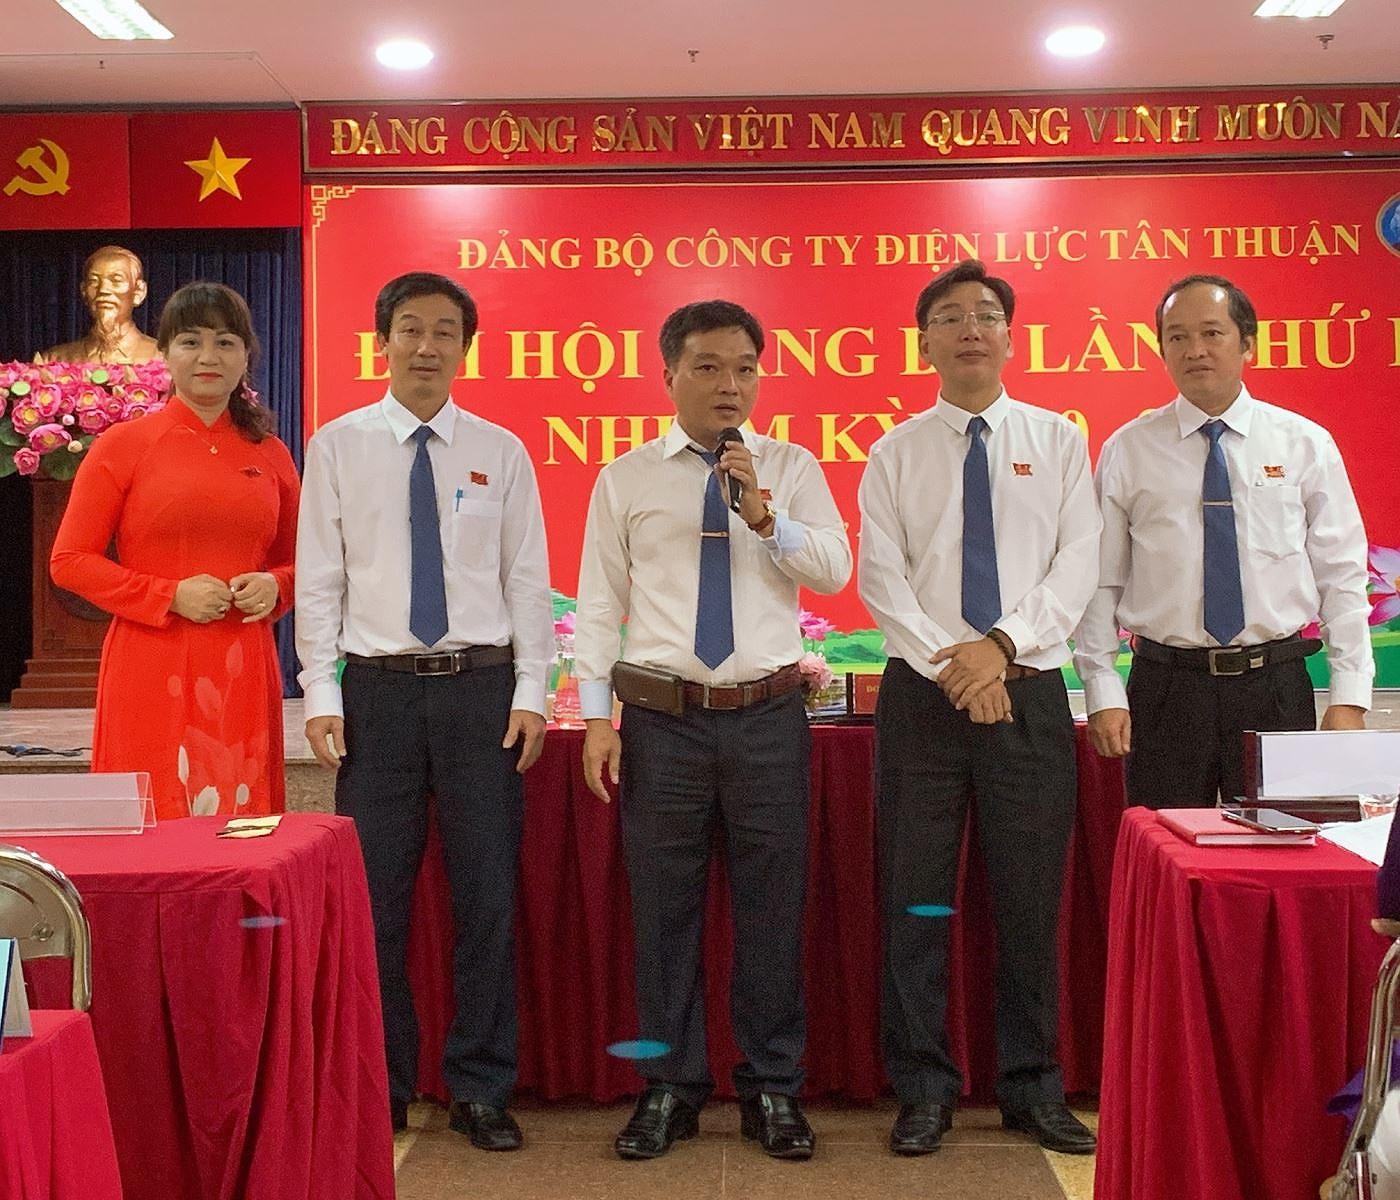 Thanh cong Dai hoi Dang cap co so: Lan toa niem tin - thoi lan gio moi hinh anh 2